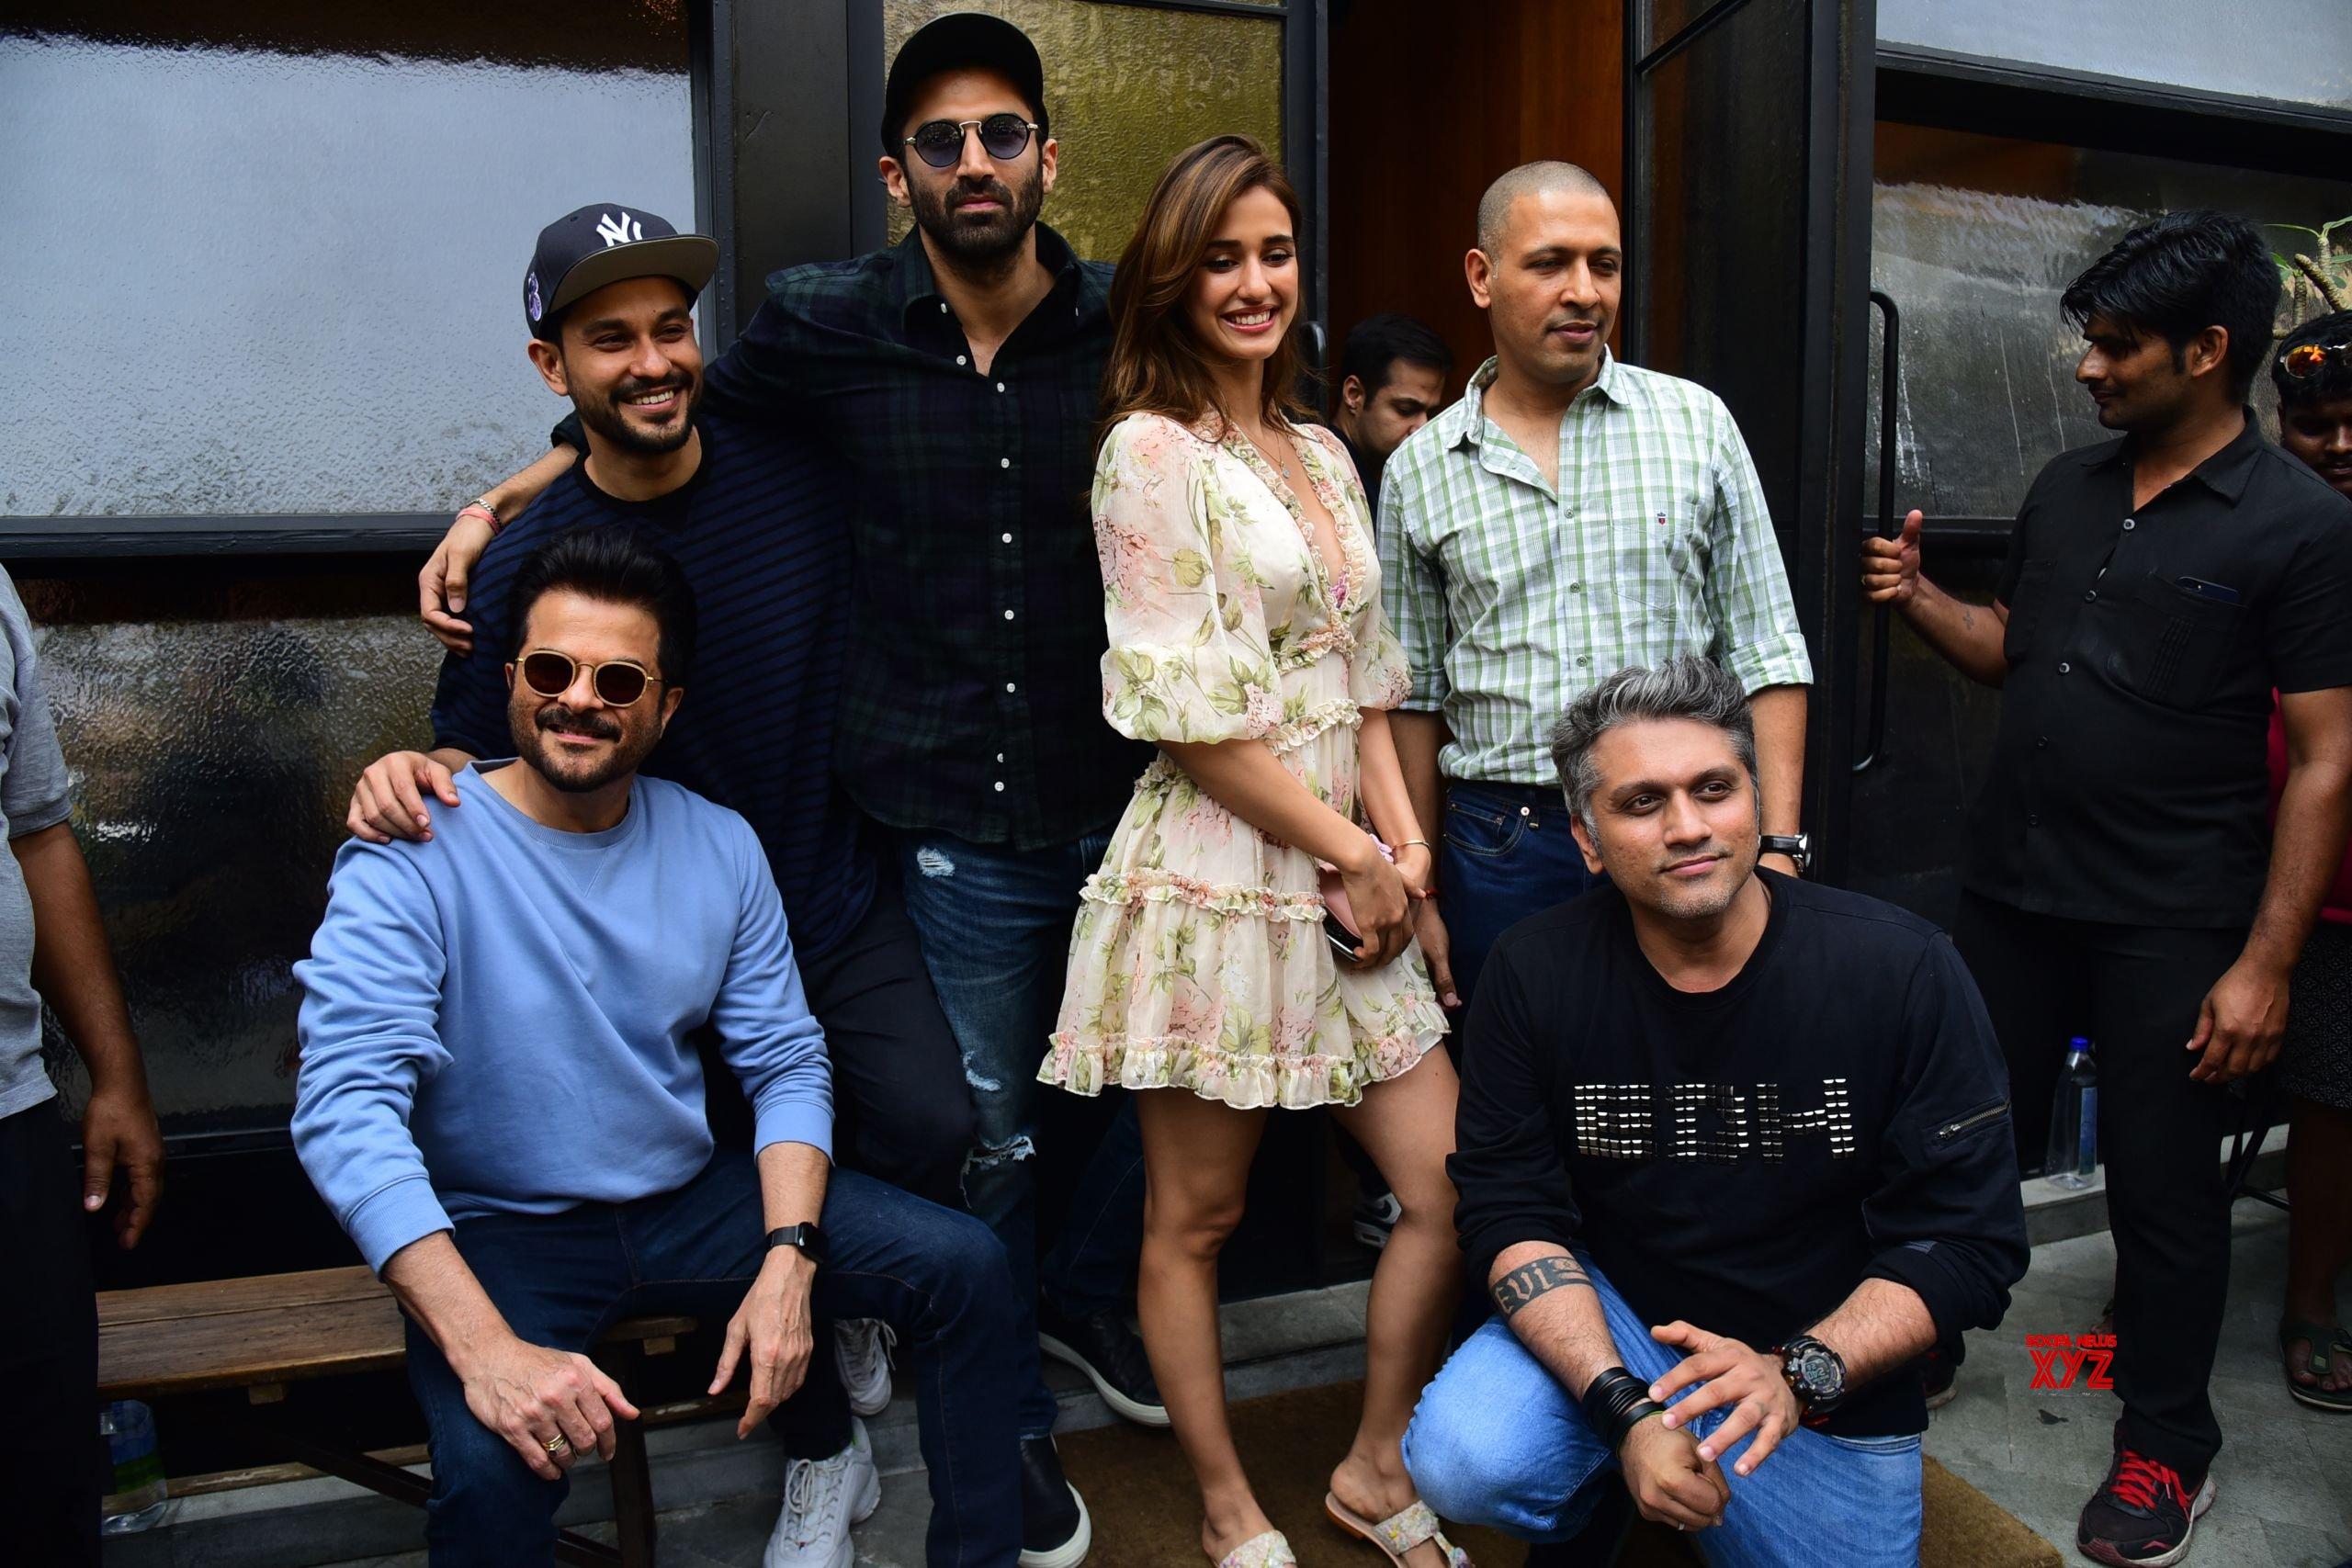 Disha Patani Aditya Roy Kapoor Anil Kapoor And Kunal Khemu Of Malang Movie At Pali Village Cafe In Bandra Hd Gallery Social News Xyz